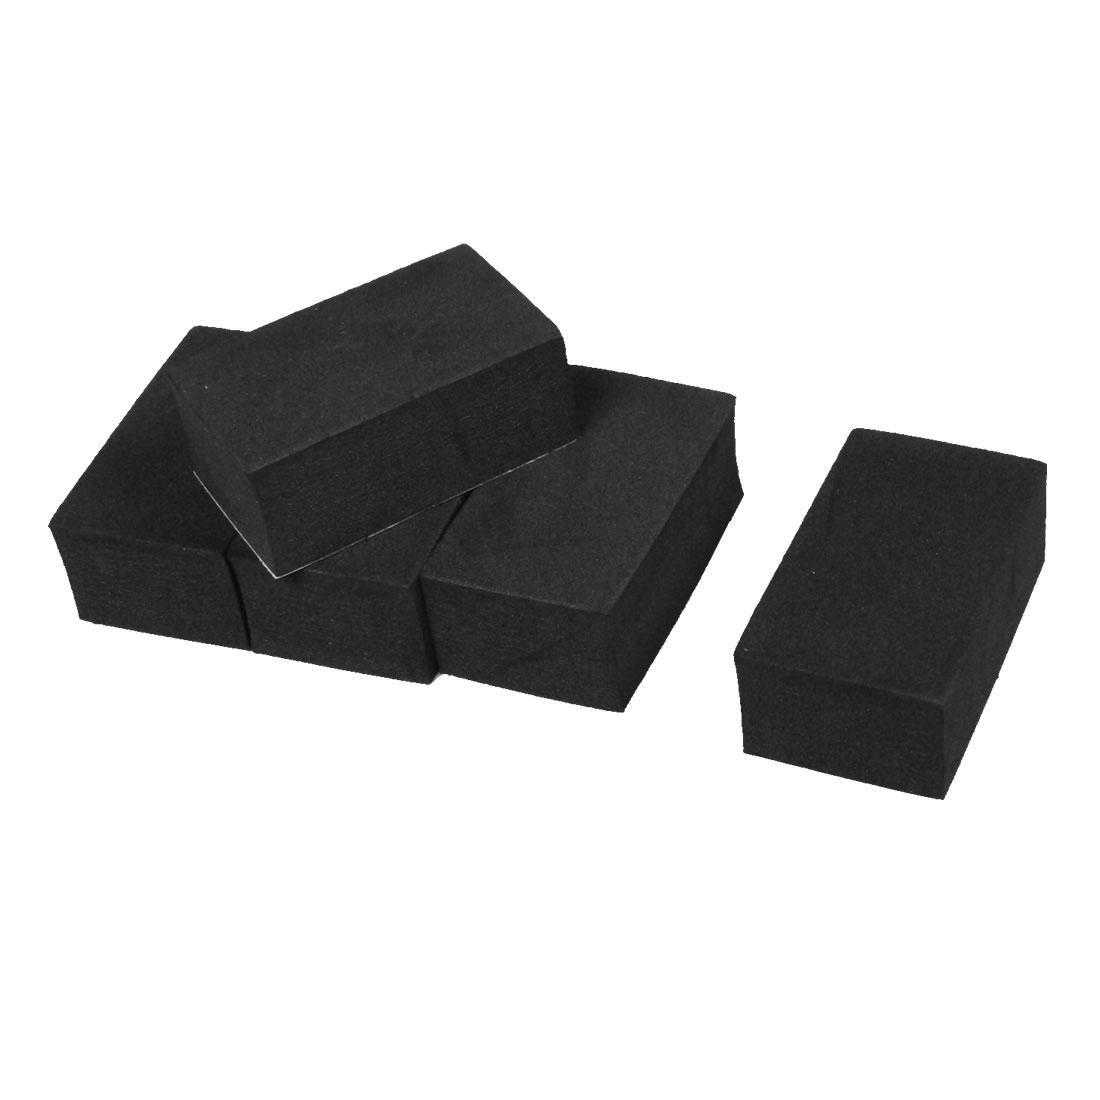 5 Pcs Foam Adhesive Car Truck Door Edge Guard Bumper Protector Decor Black